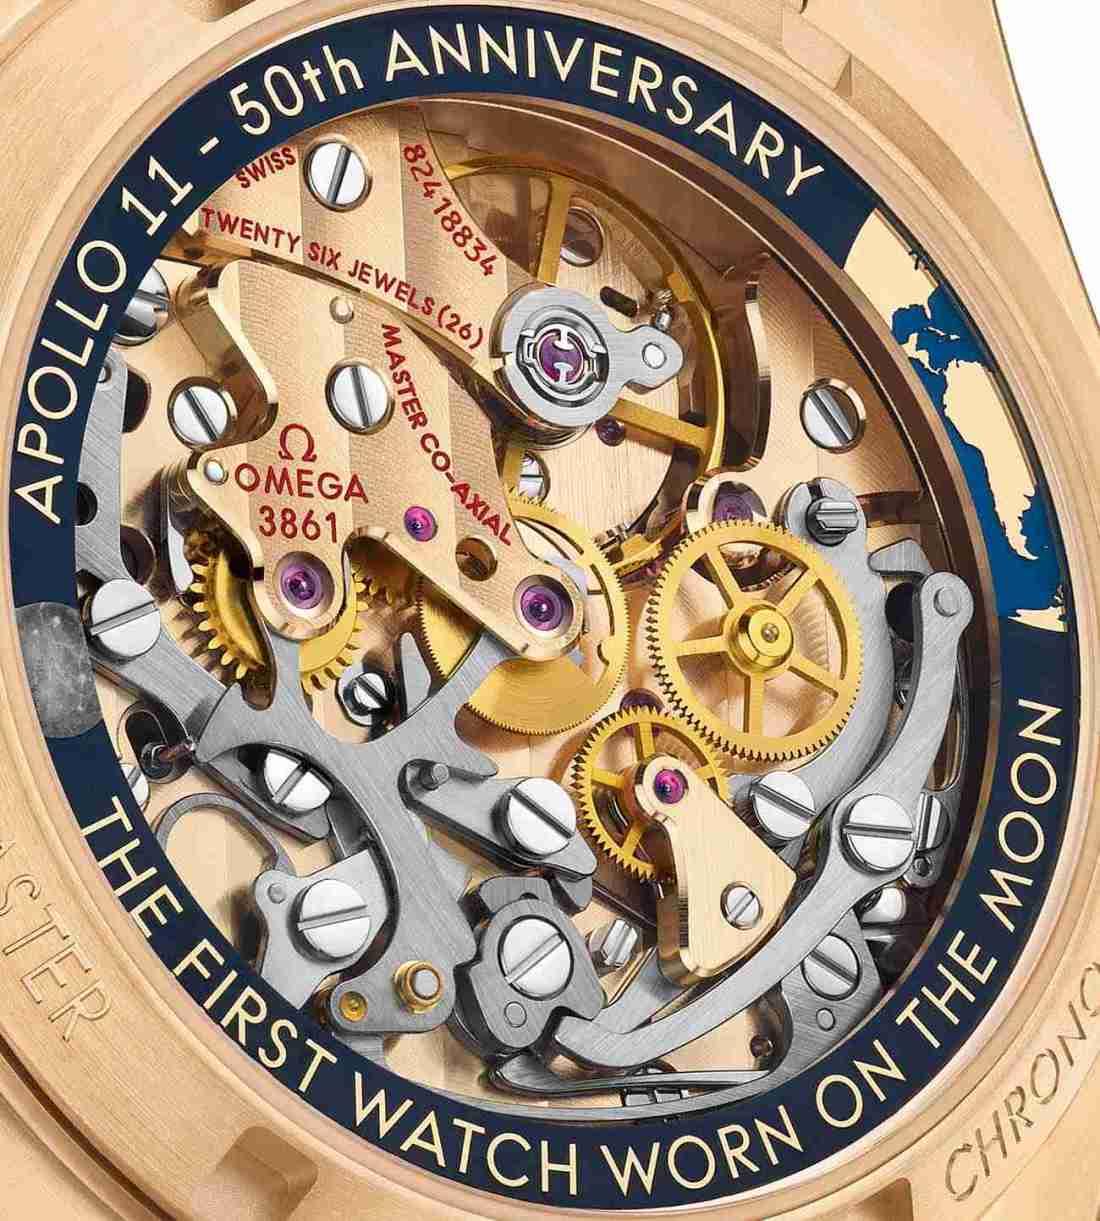 Las Fallas De Valencia 2019 Recomendados: Omega Speedmaster Apolo 11 50 Años Edición Limitada Relojes De Réplicas